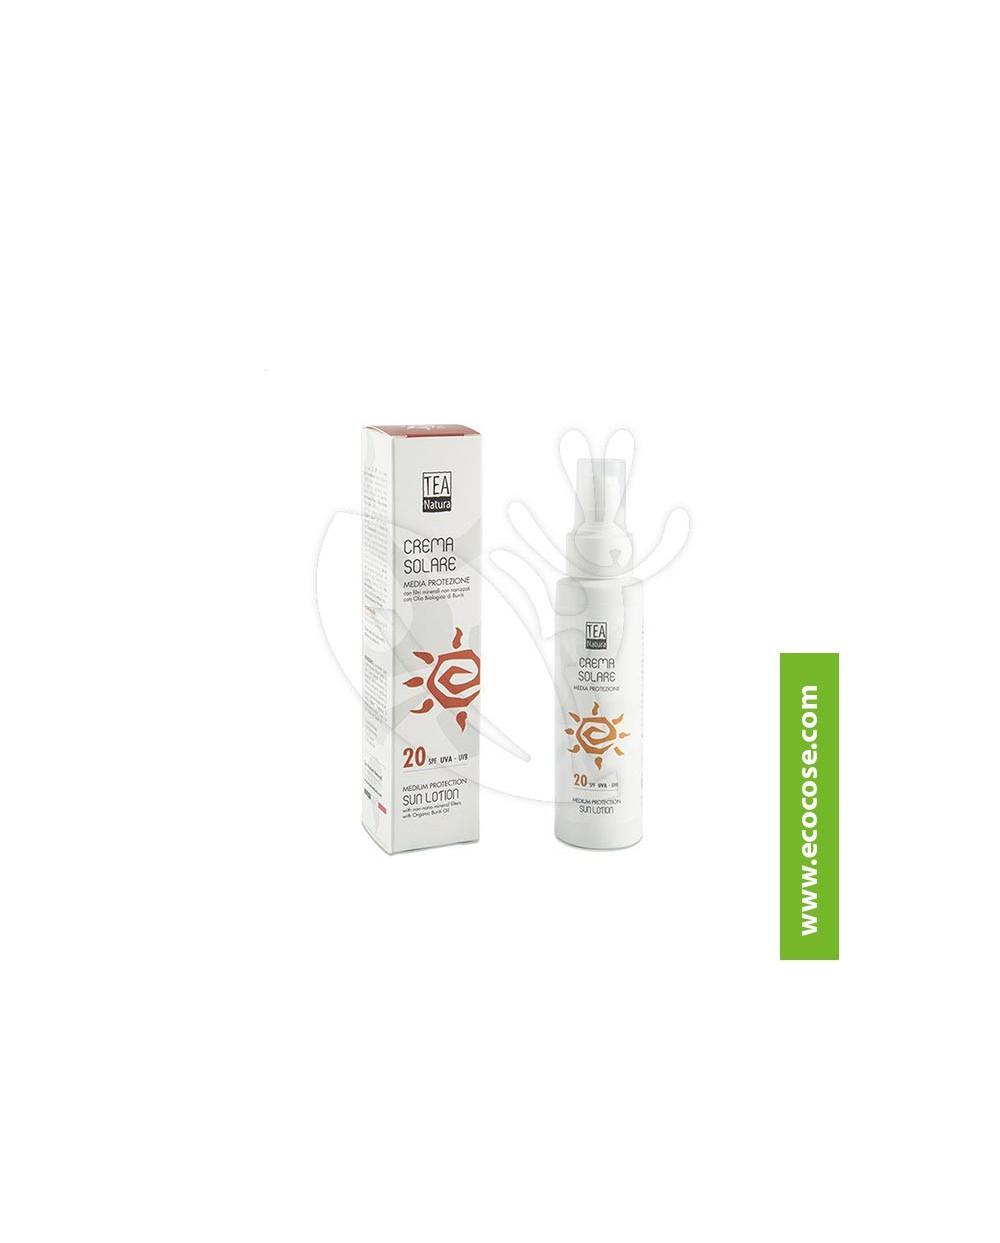 Tea Natura - Crema solare Media Protezione SPF20